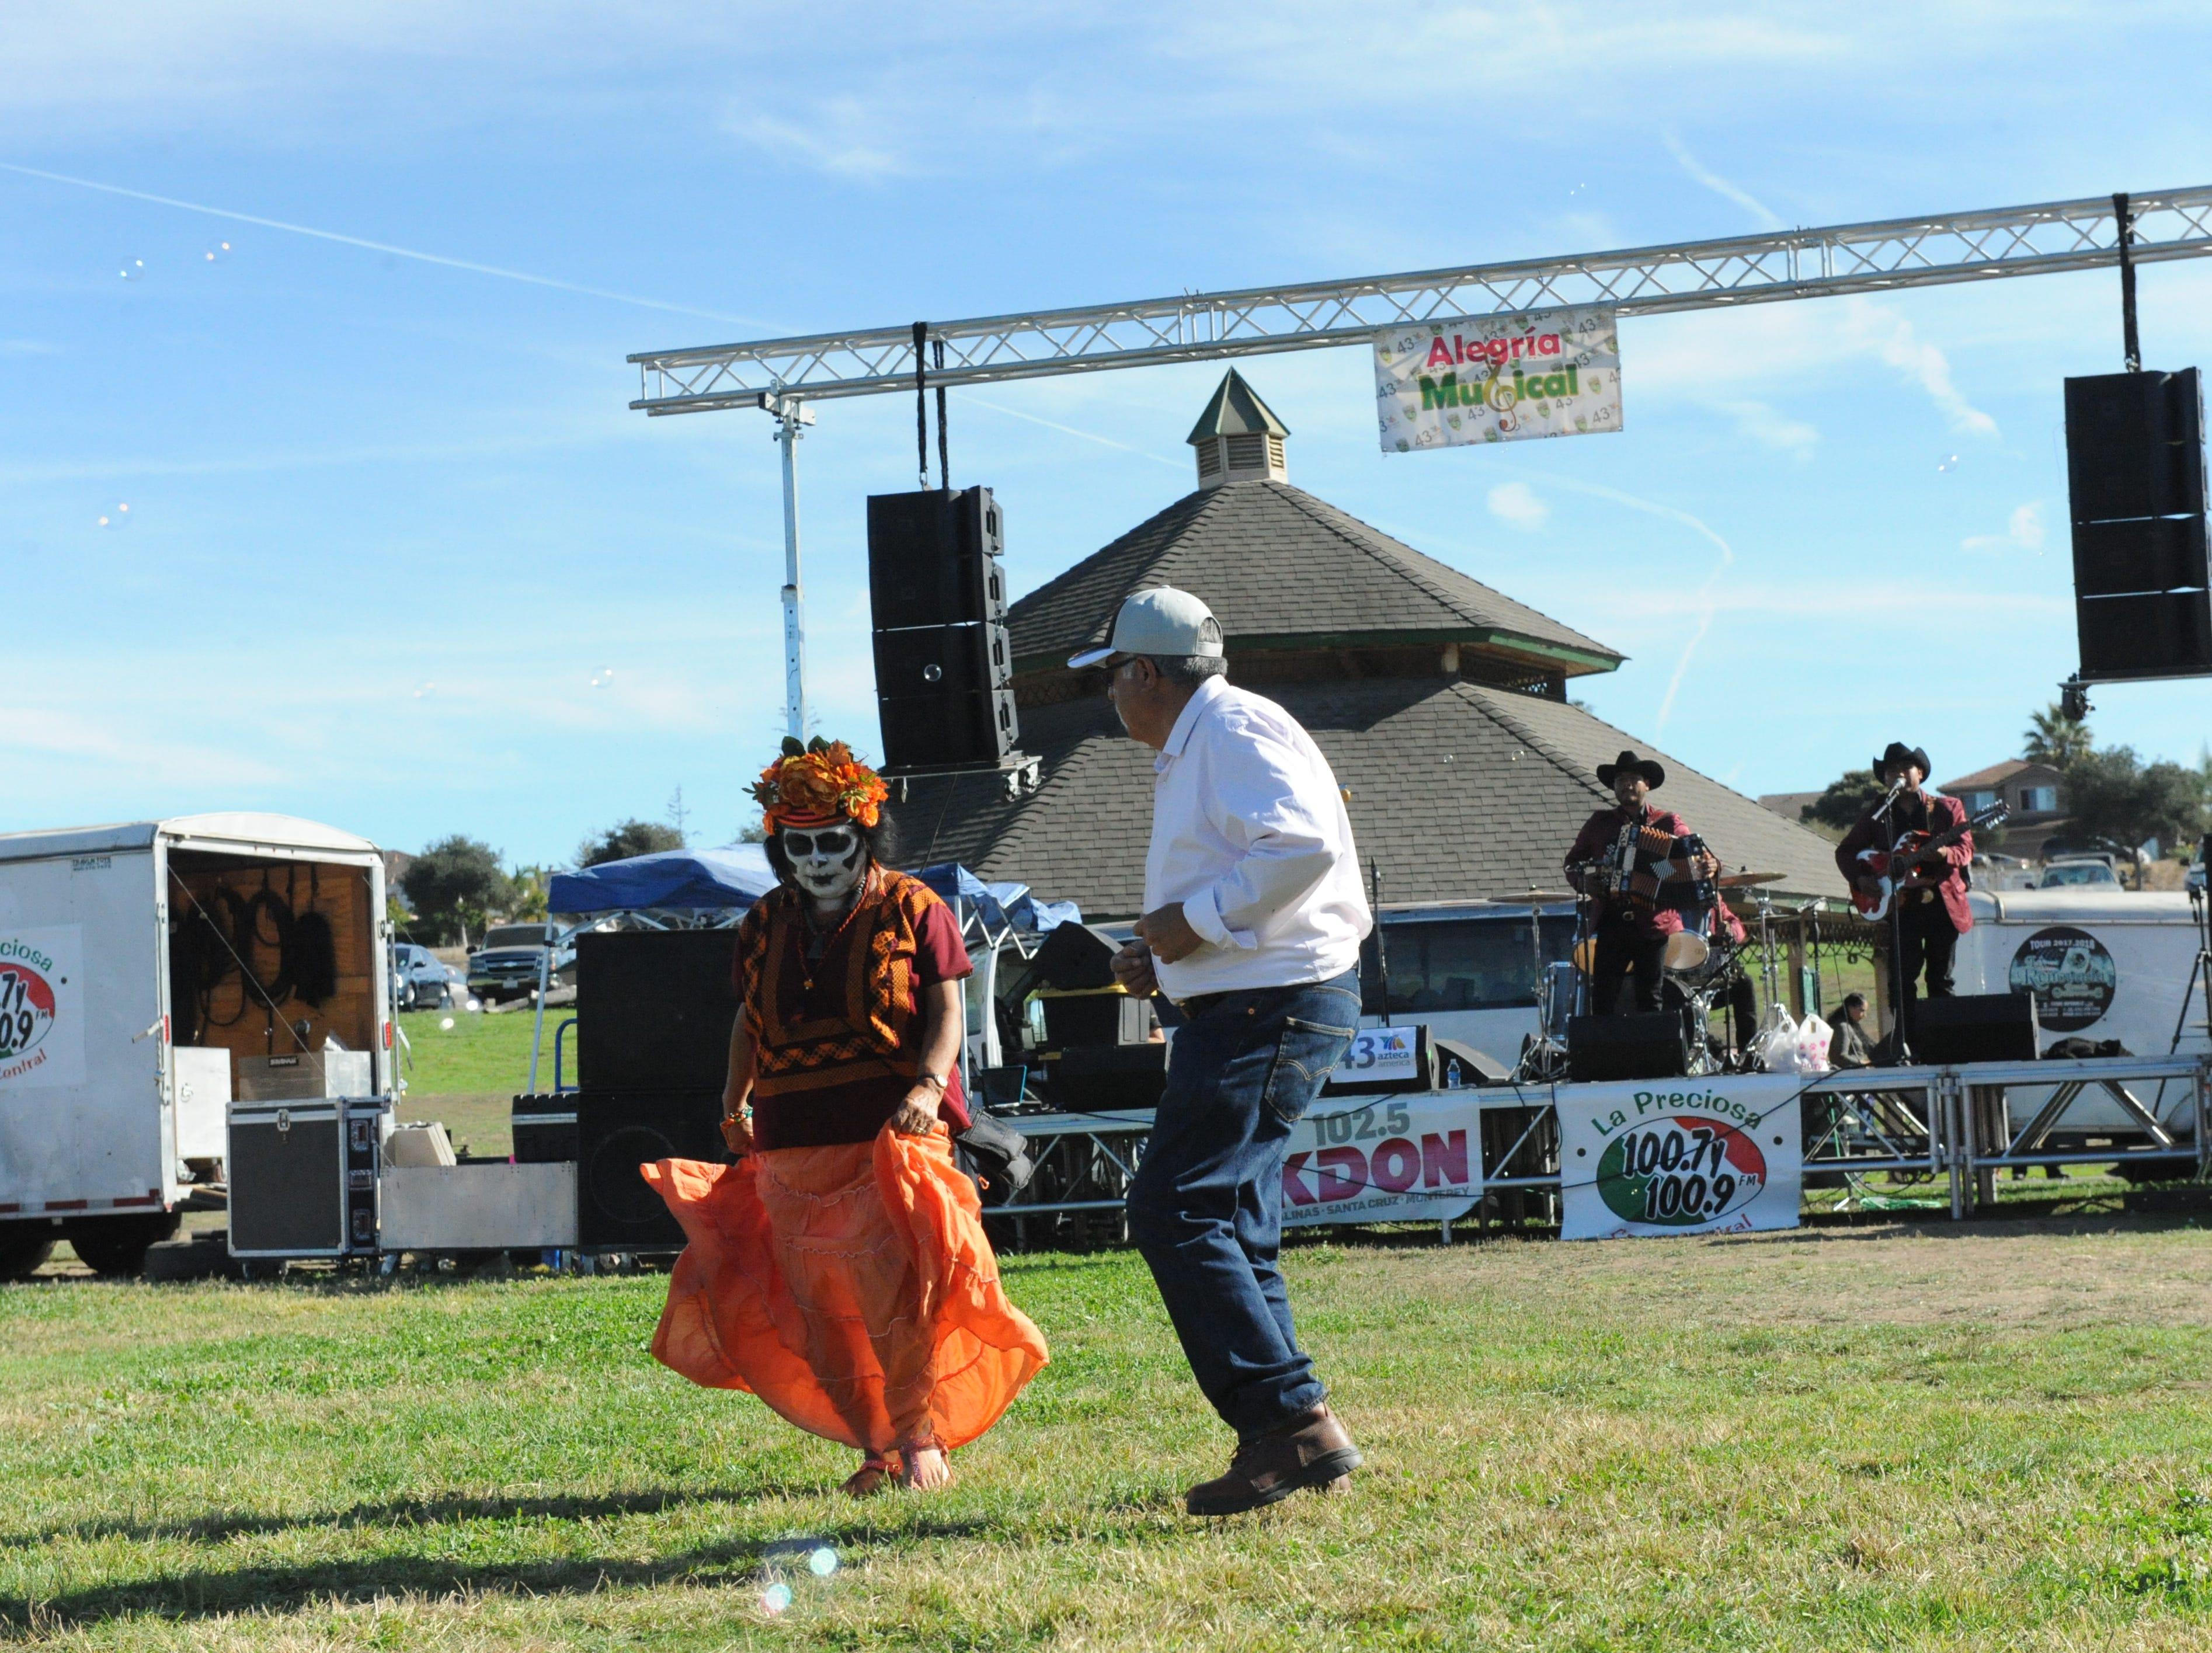 Jose and Maria Luisa Covarrubias dance at Sunday's Día de los Muertos celebration at Natividad Creek Park.